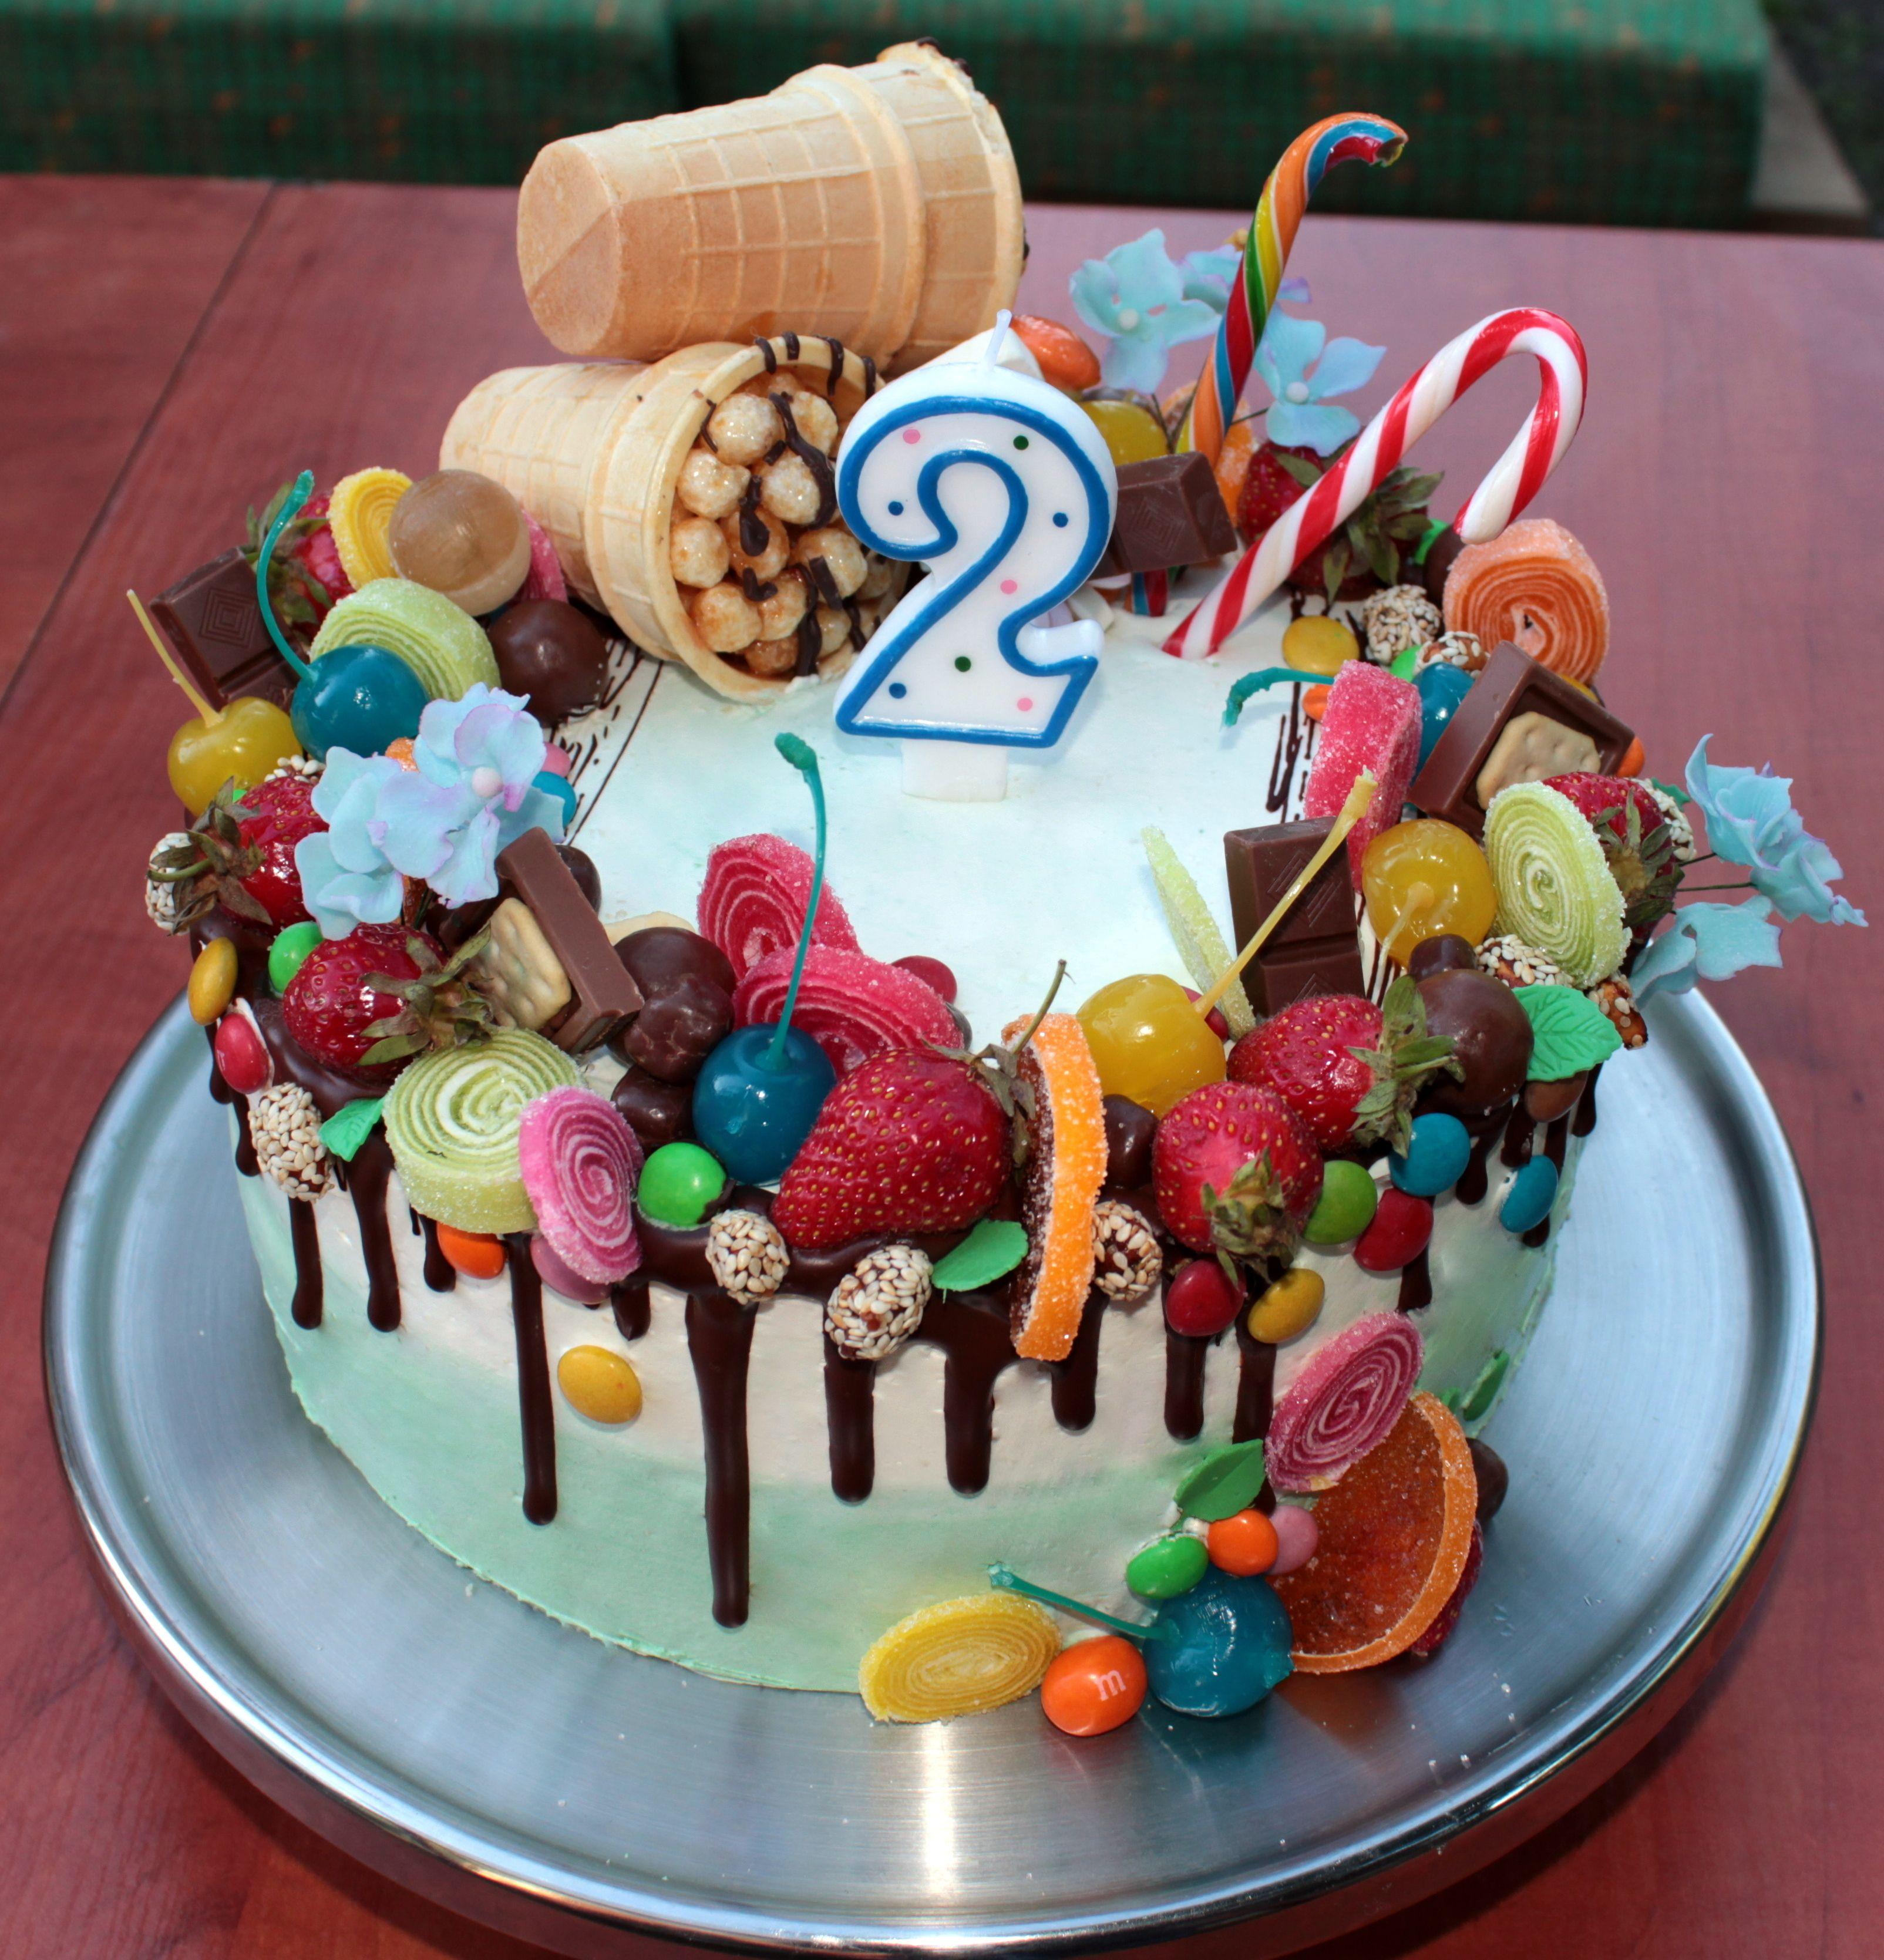 украсить торт с днем рождения мальчику